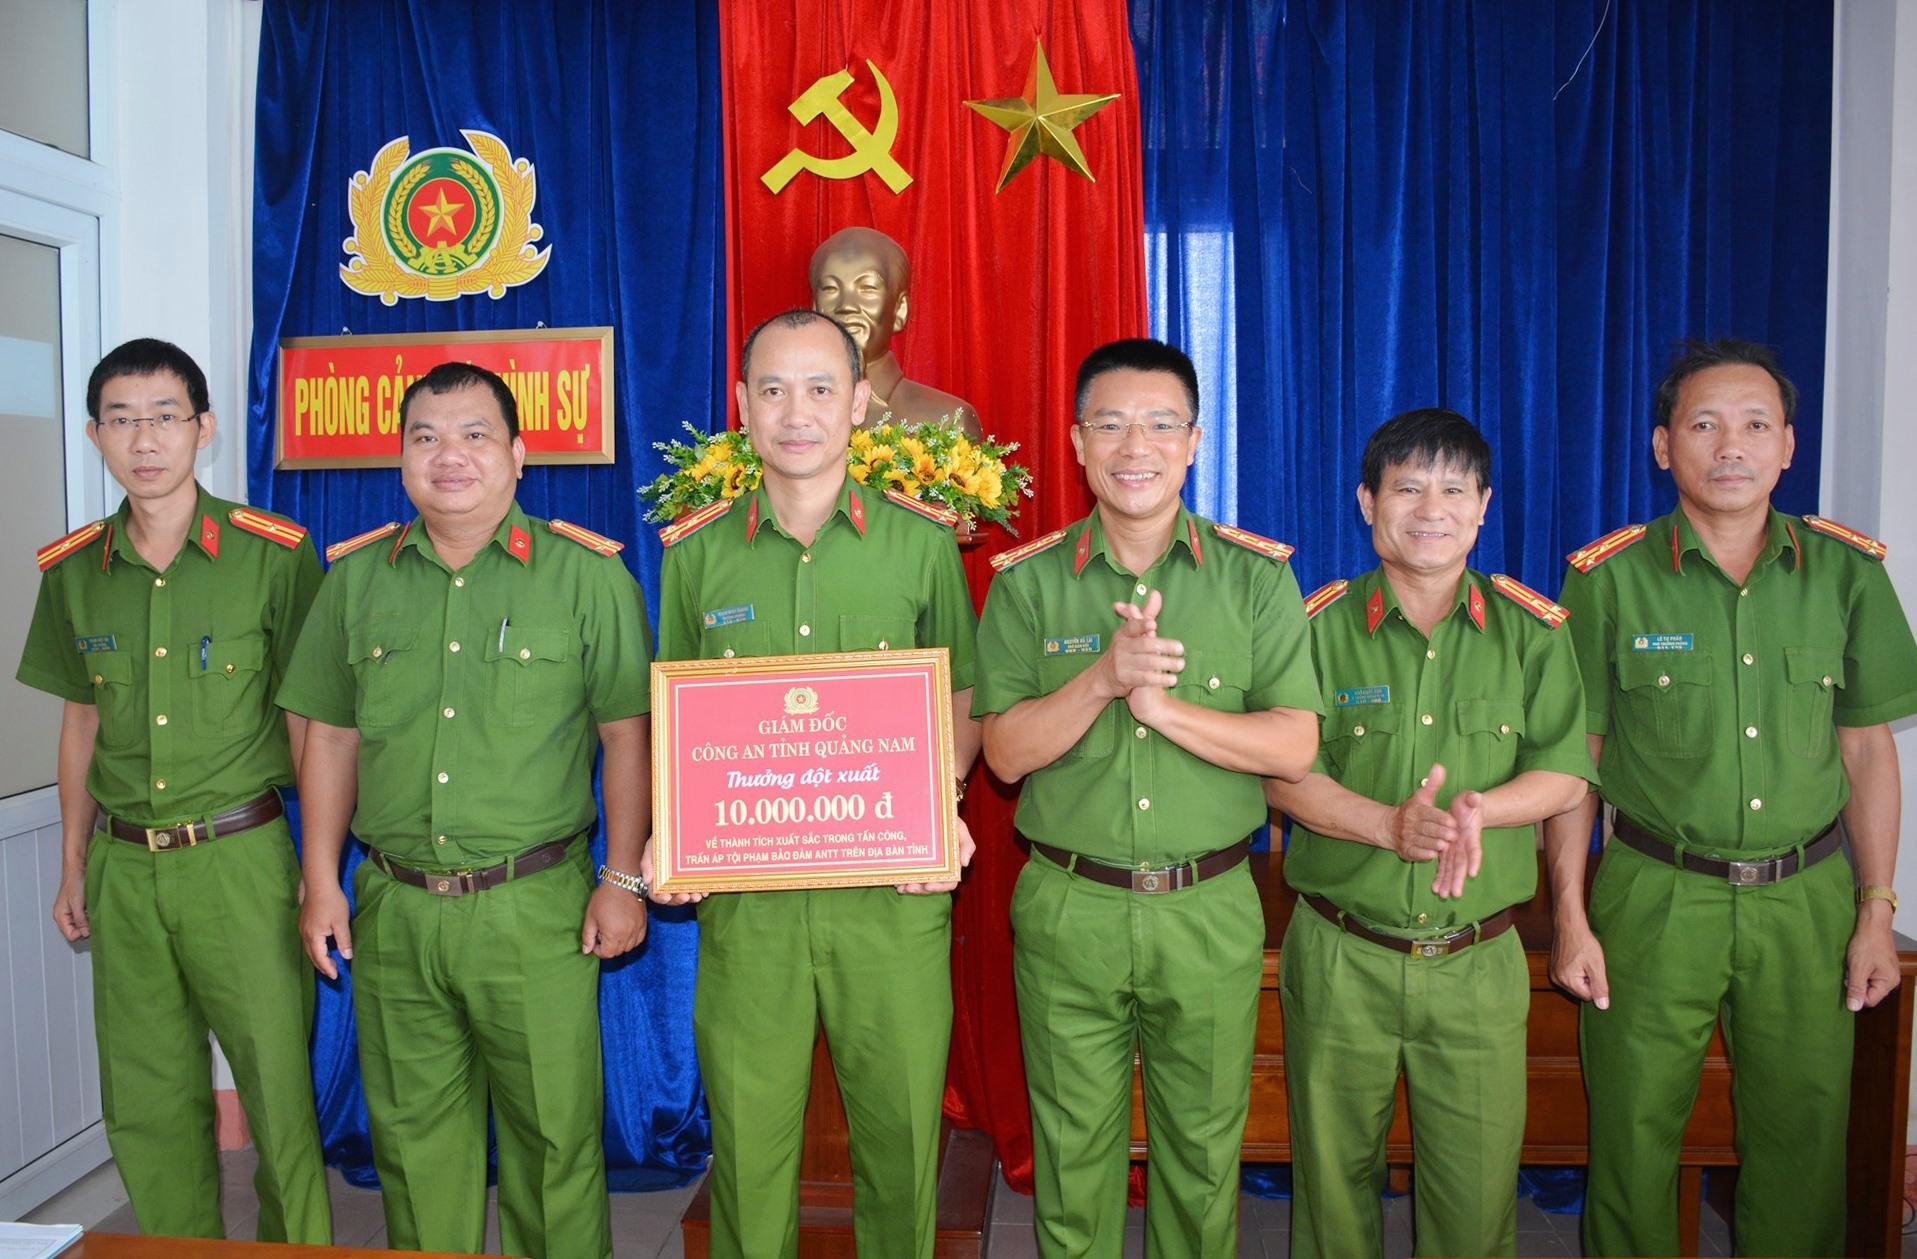 Đại tá Nguyễn Hà Lai thưởng nóng cho Phòng Cảnh sát hình sự sau khi xuất sắc điều tra, làm rõ thủ phạm vụ án mạng.